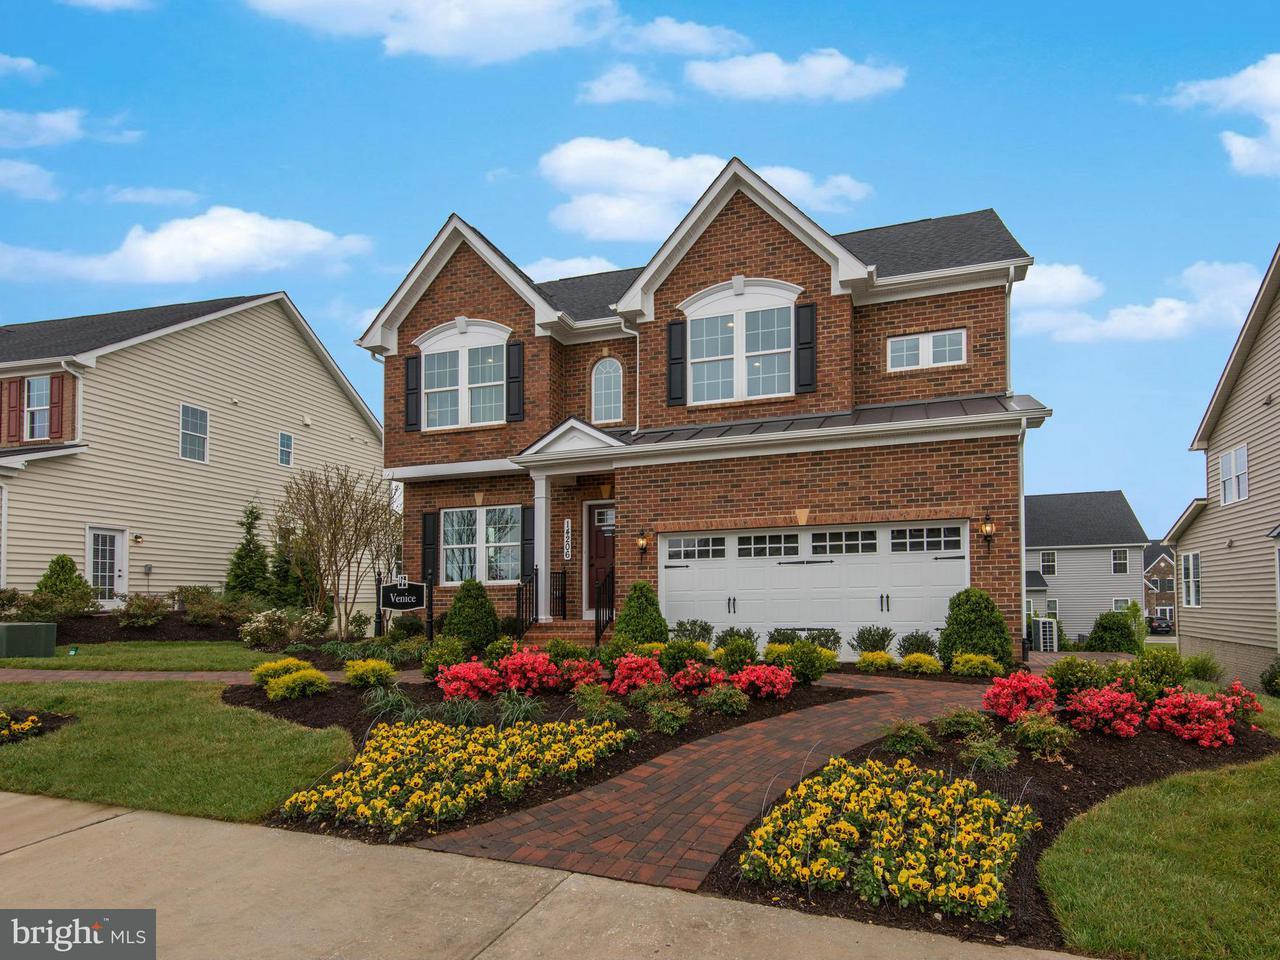 단독 가정 주택 용 매매 에 14810 SADDLE CREEK Drive 14810 SADDLE CREEK Drive Burtonsville, 메릴랜드 20866 미국